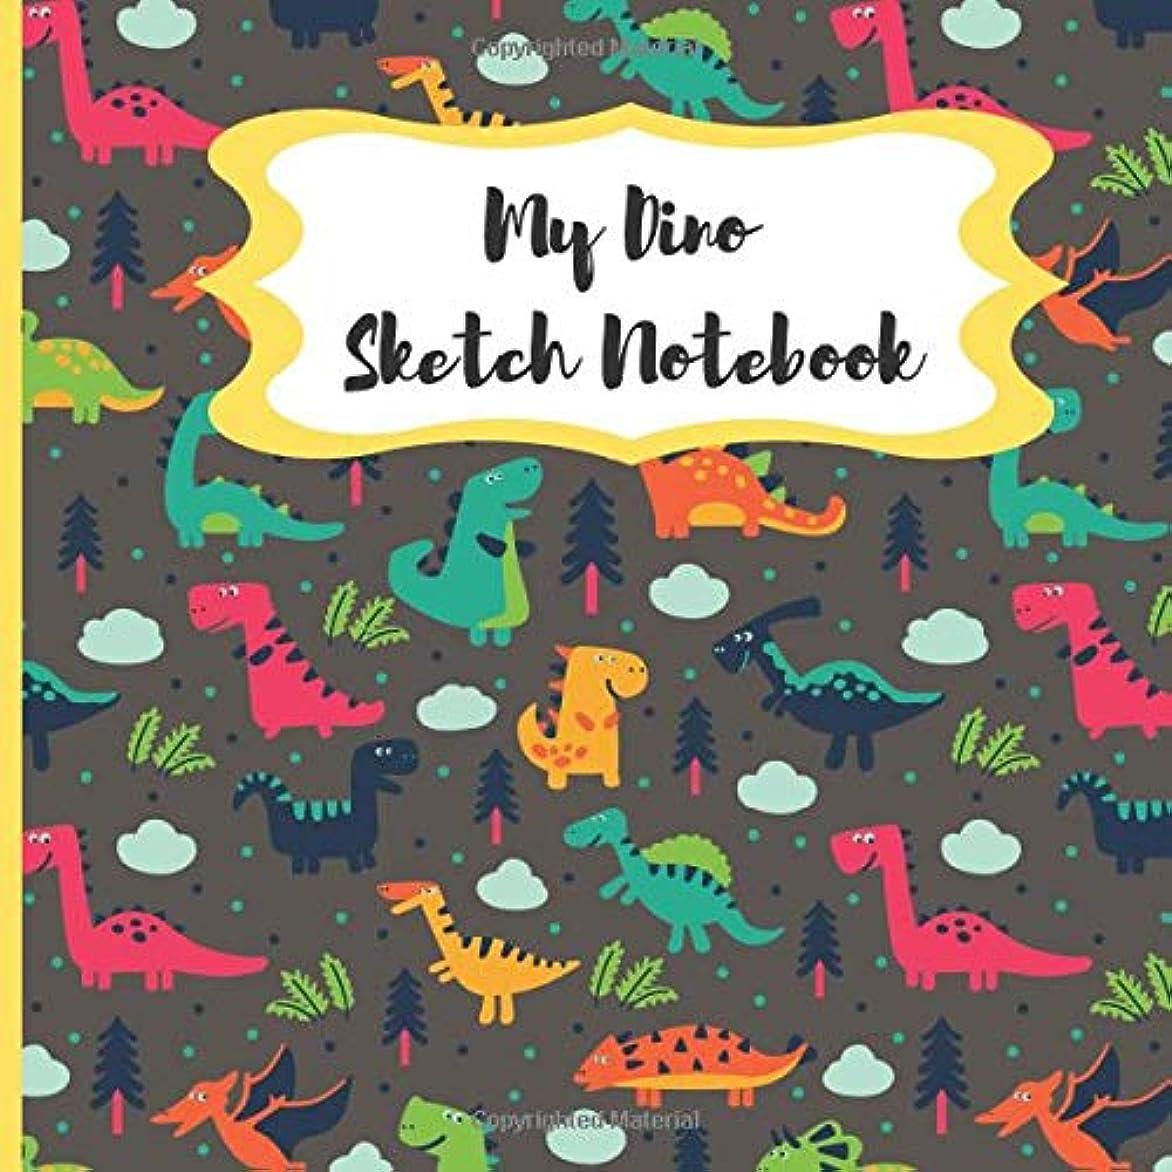 勘違いするチャンス目に見えるMy Dino Sketch Notebook: Sketchbook For Kids and Artists With Blank Paper To Drawing, Journaling, Doodling And Sketching (Sketchbook for Artists)